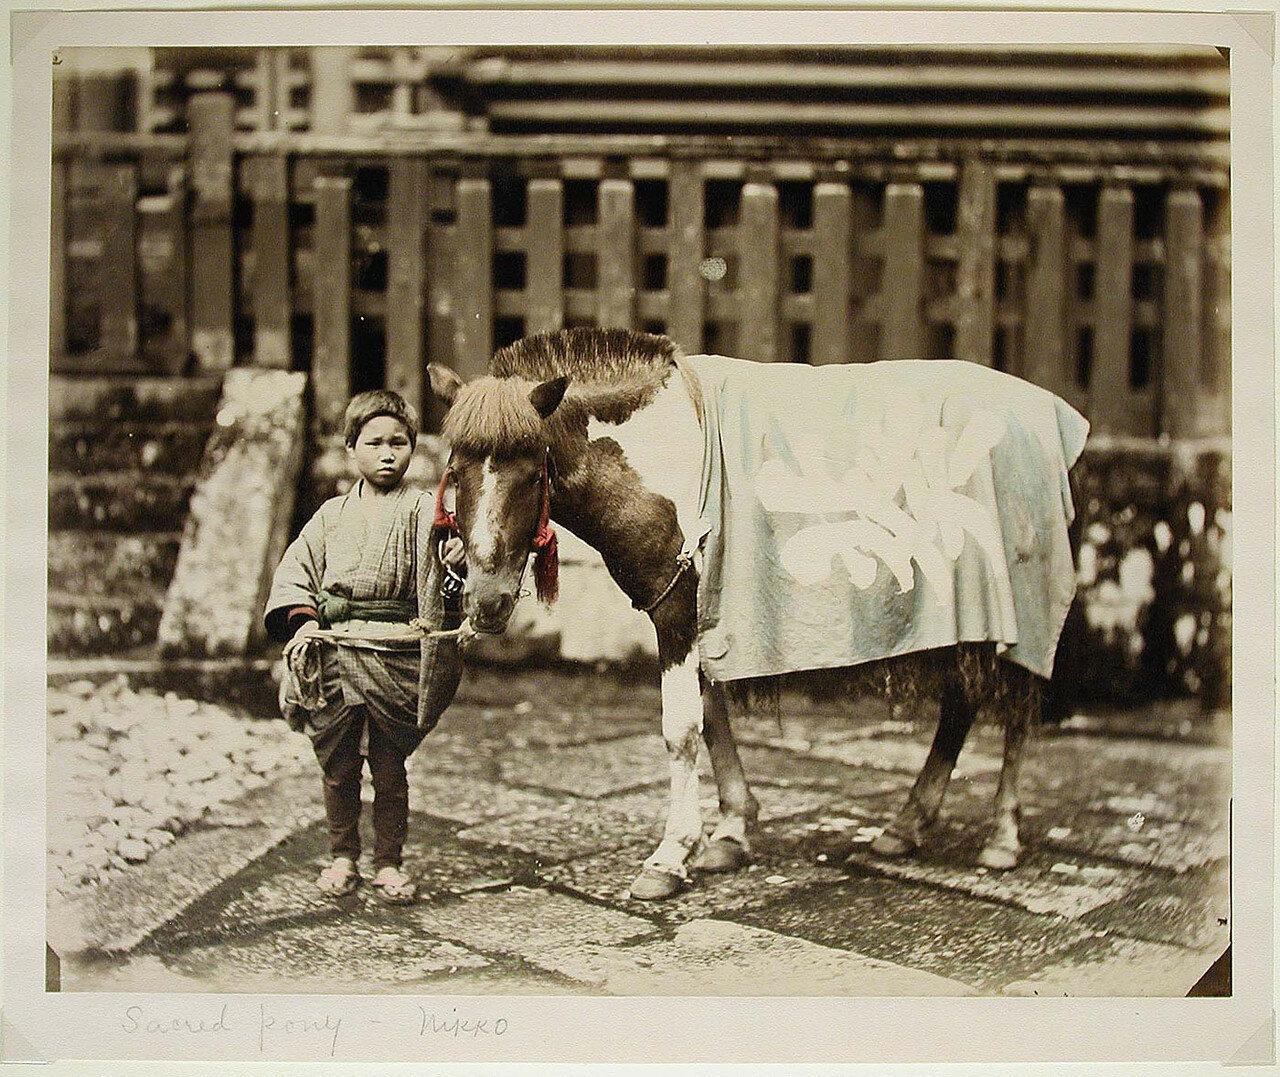 Никко. Священный пони. 1870